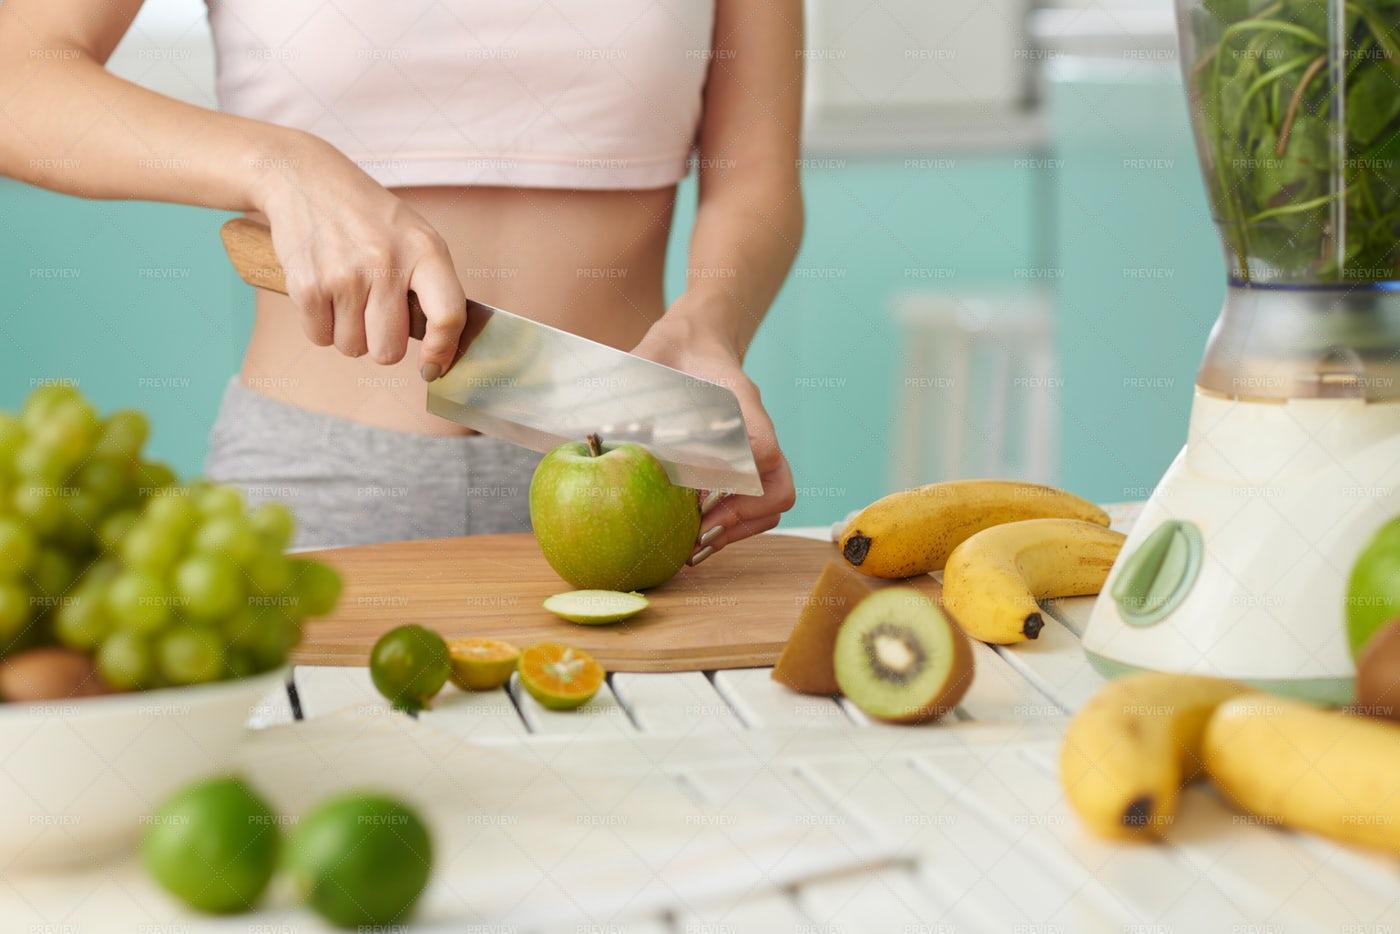 Cutting Fruits: Stock Photos